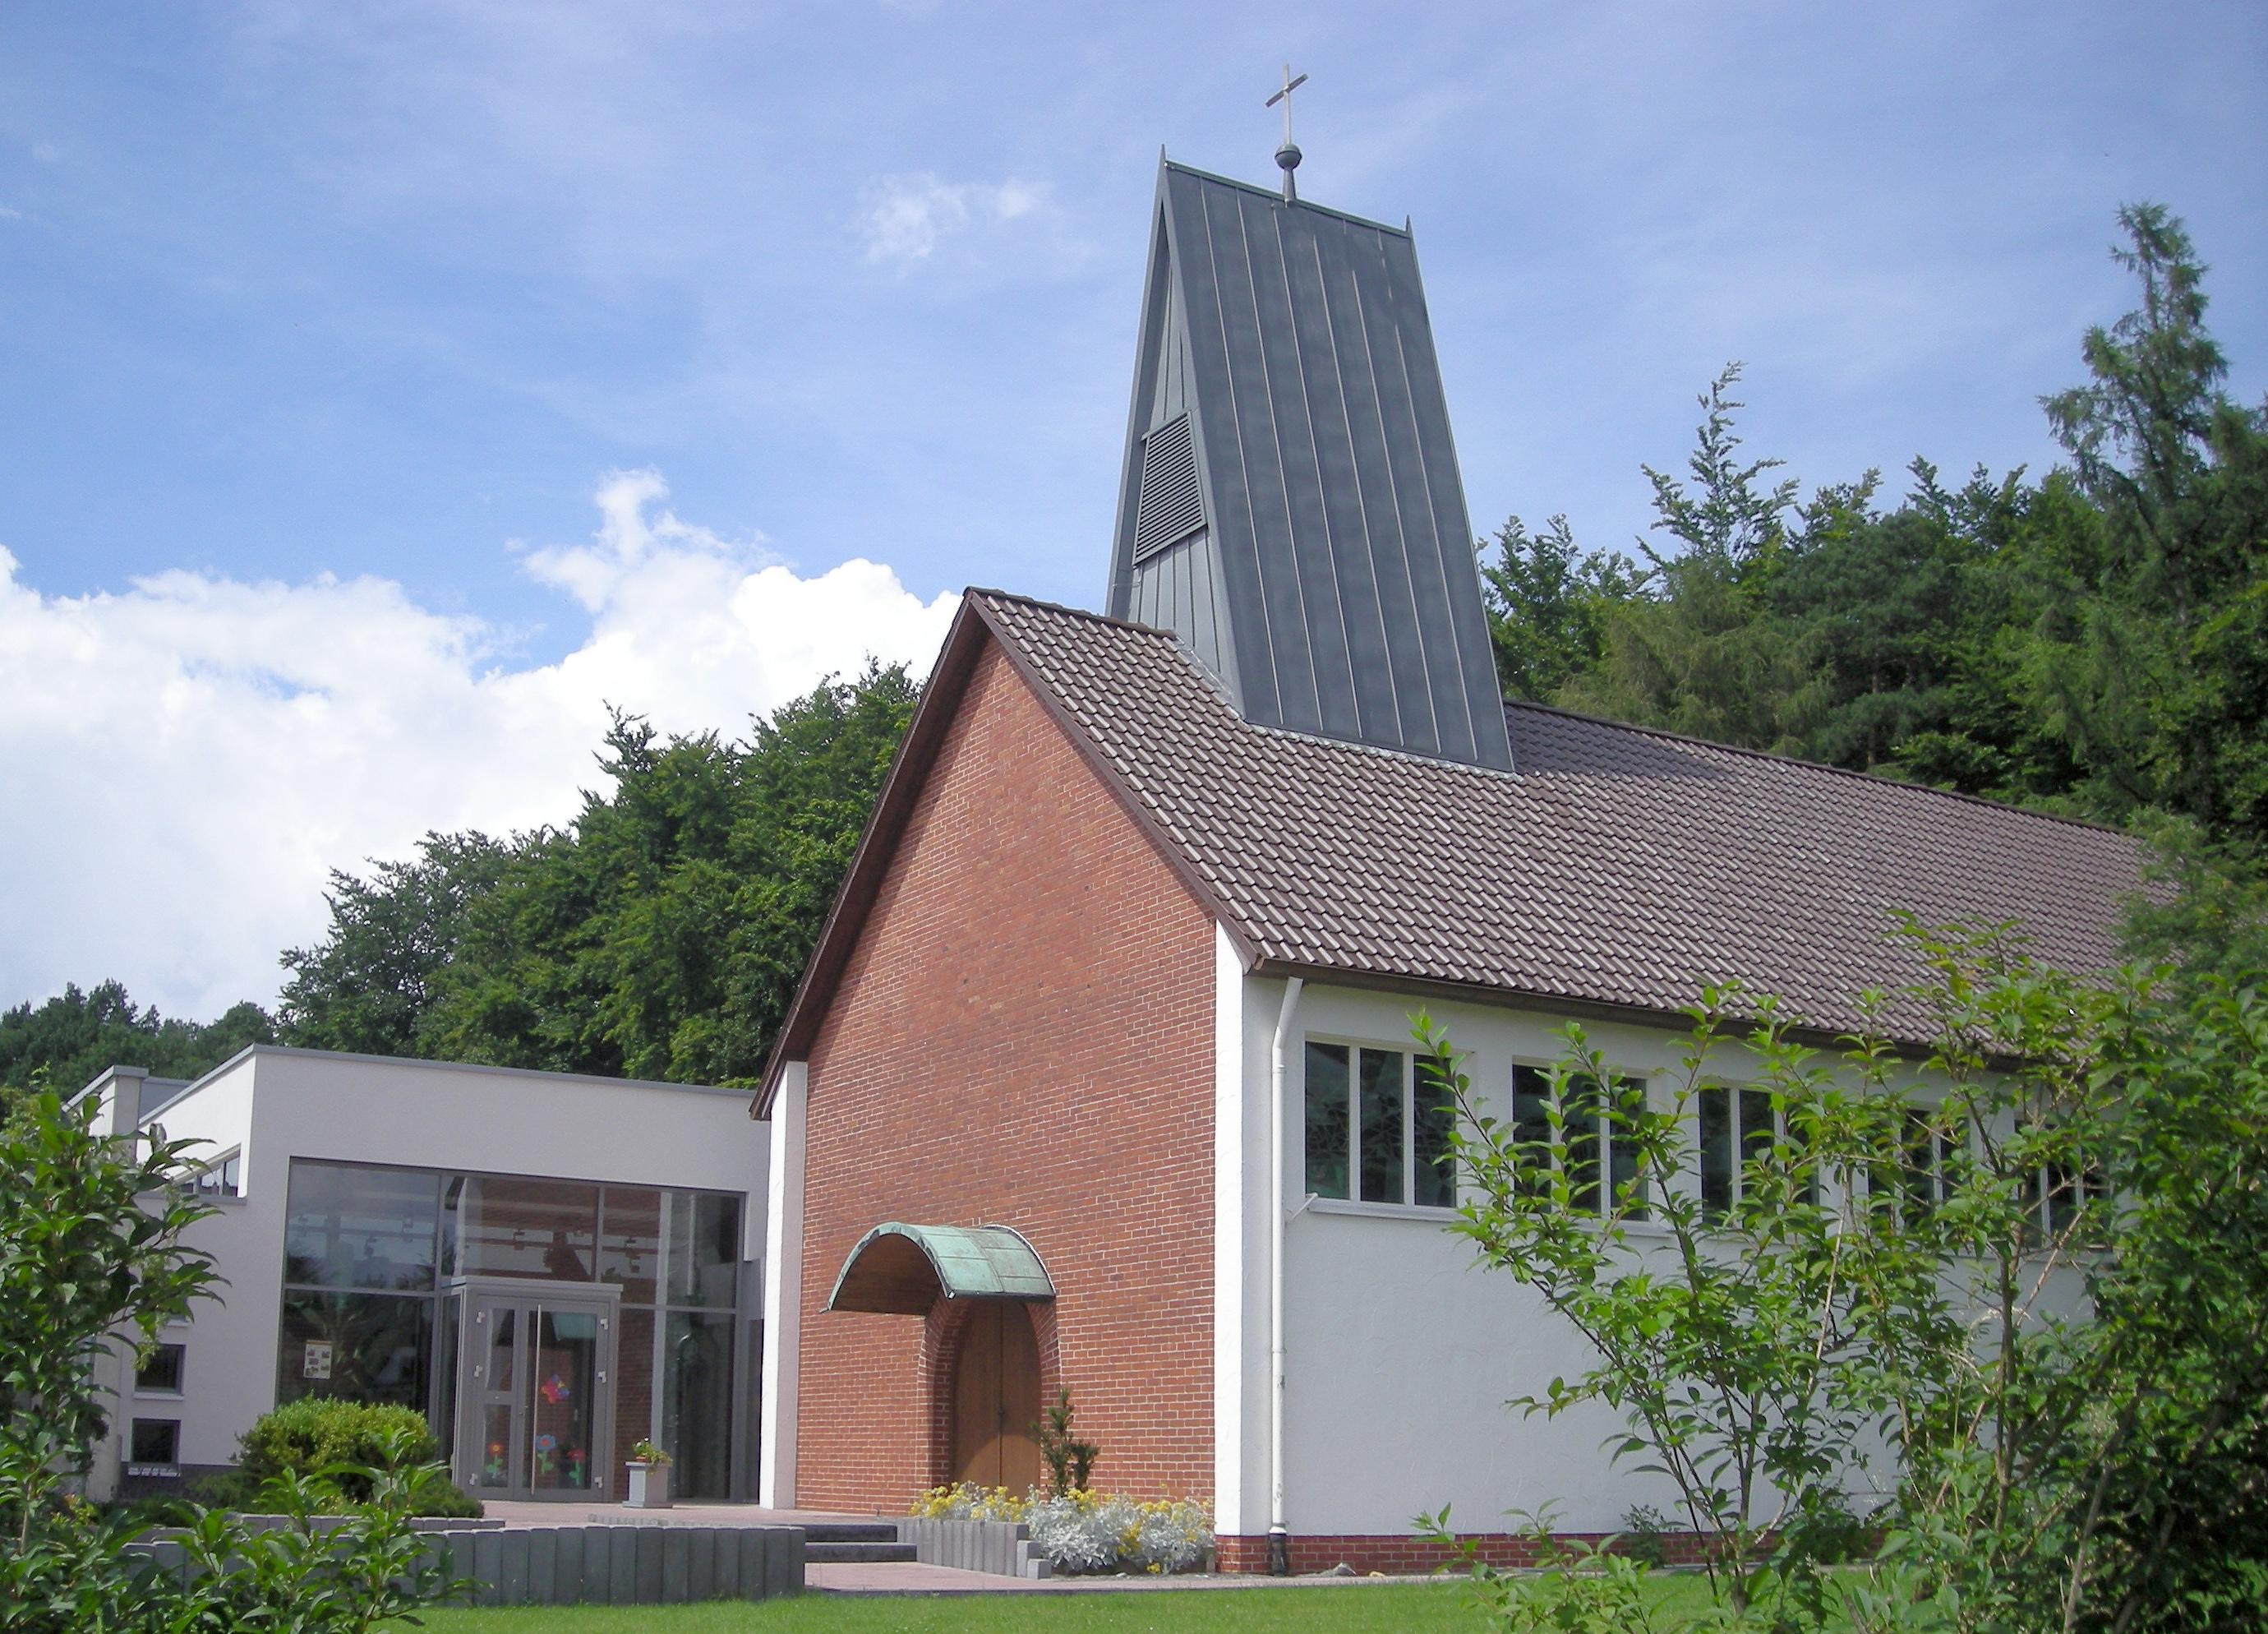 Hövelhof - Evangelischer Kirchenkreis Paderborn